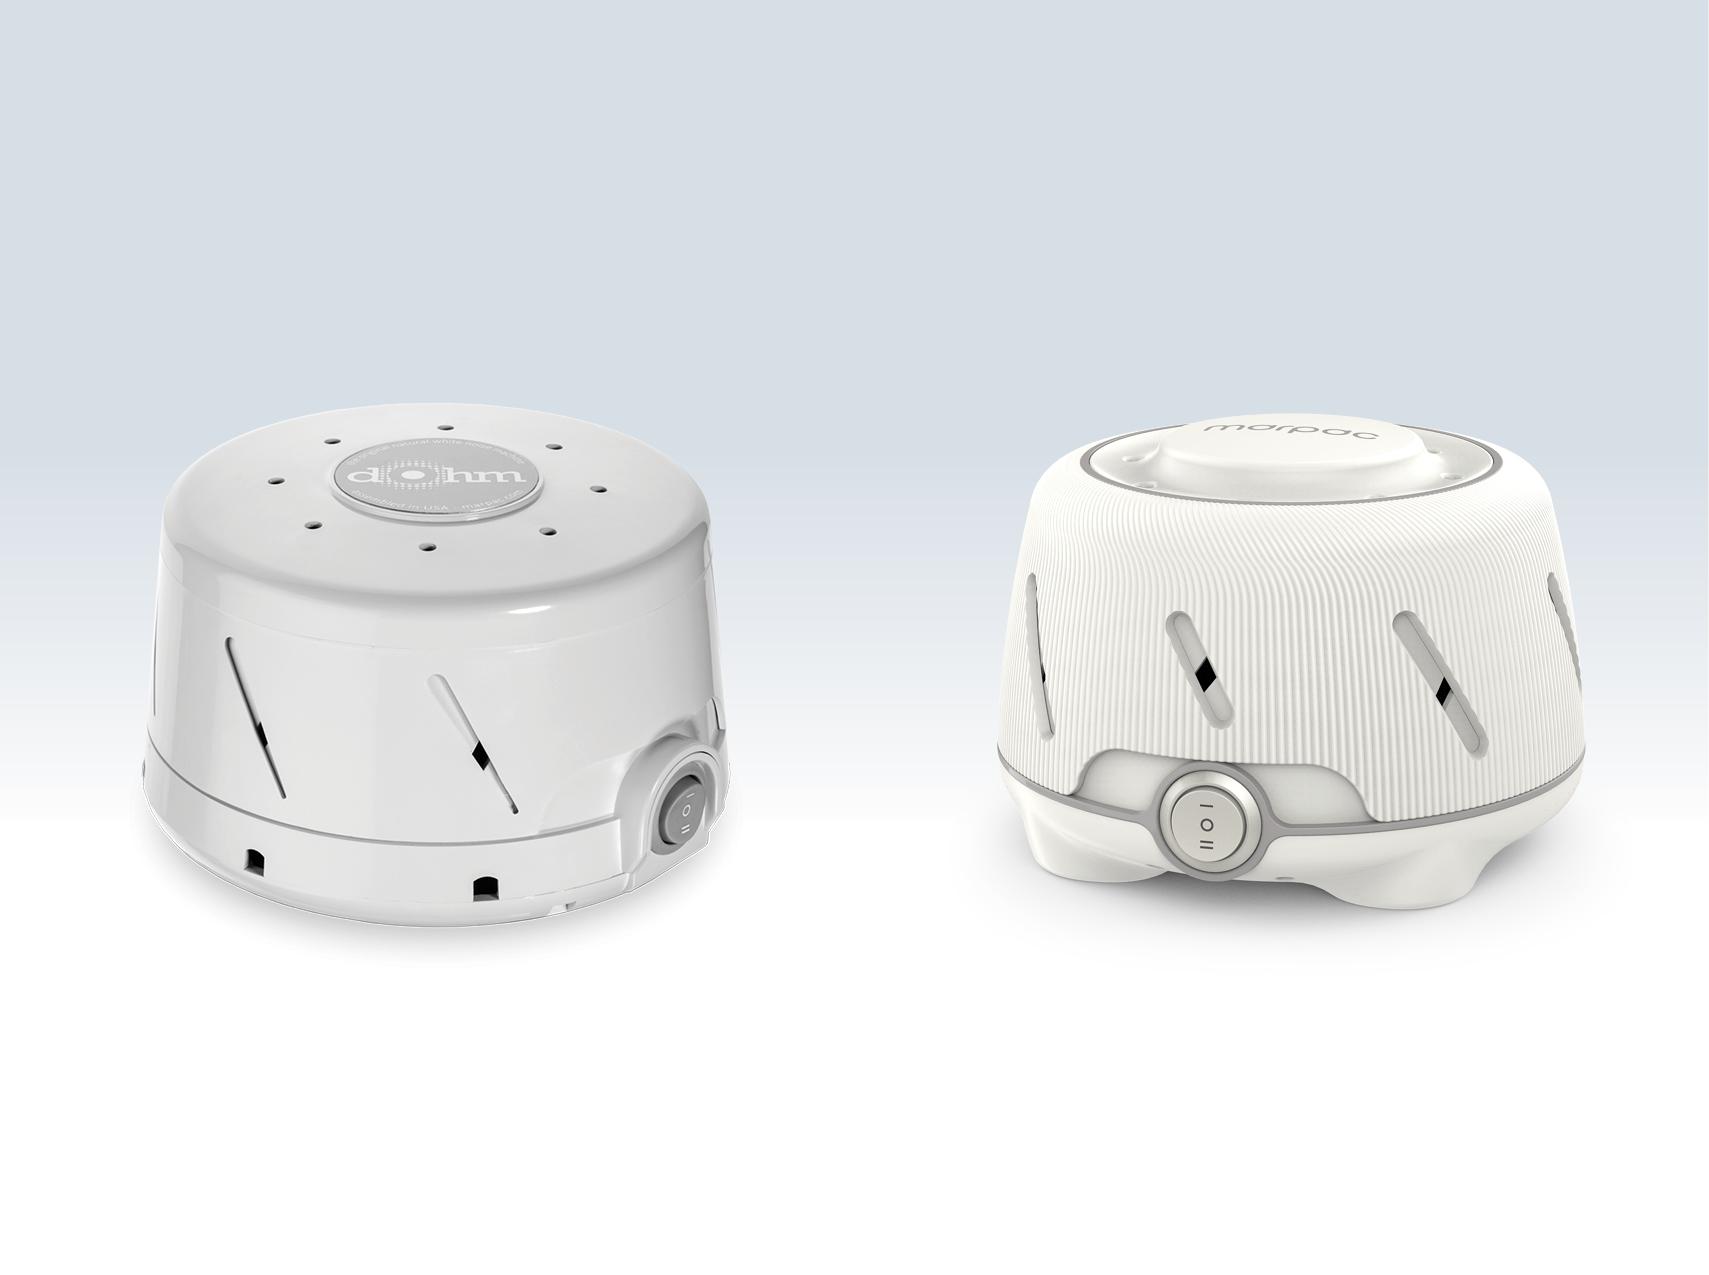 Marpac Dohm original design (left) and 2017 redesign (right).